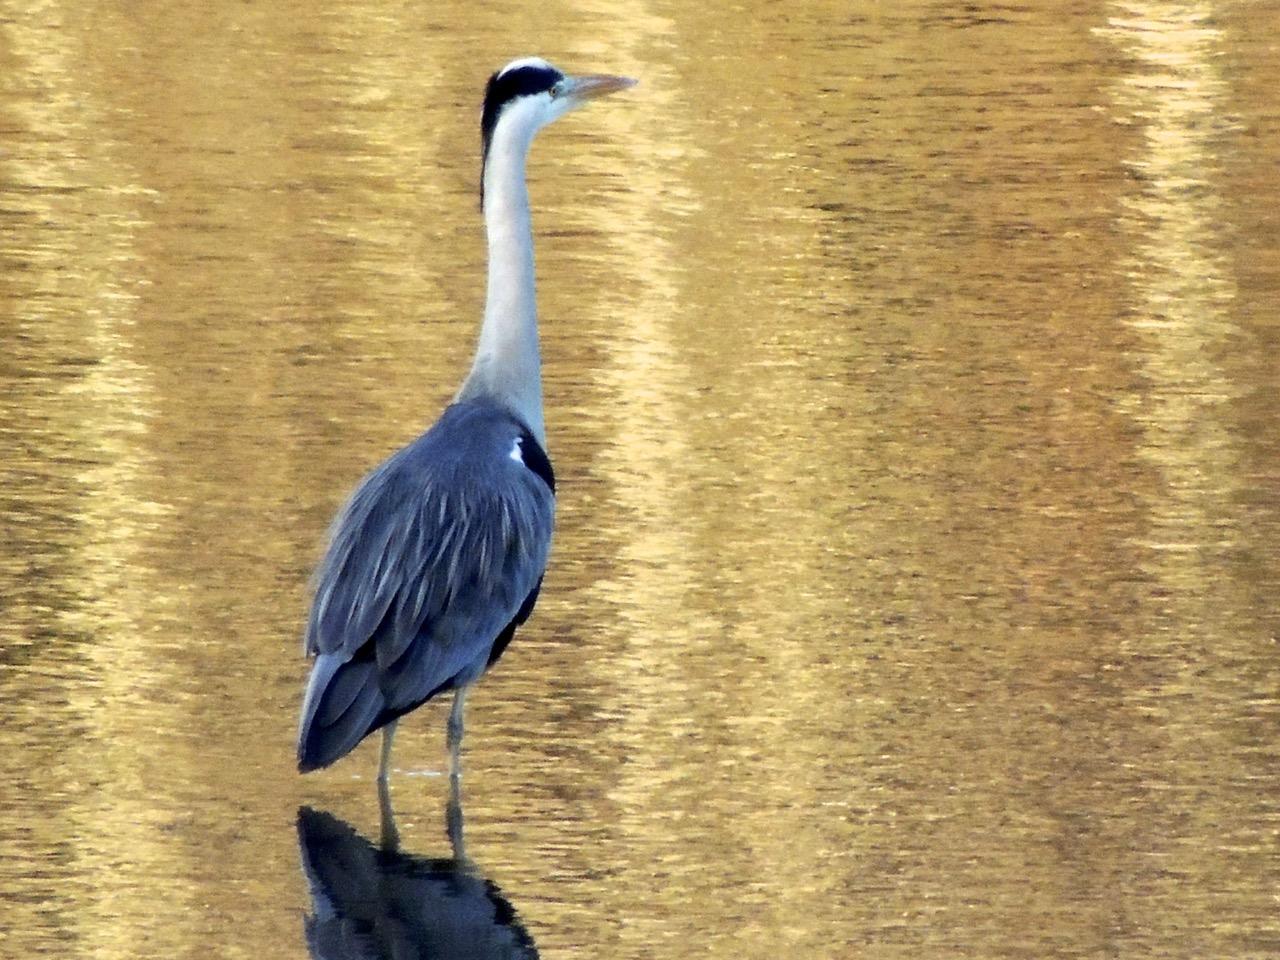 Grey Heron on the Mawddach Estuary